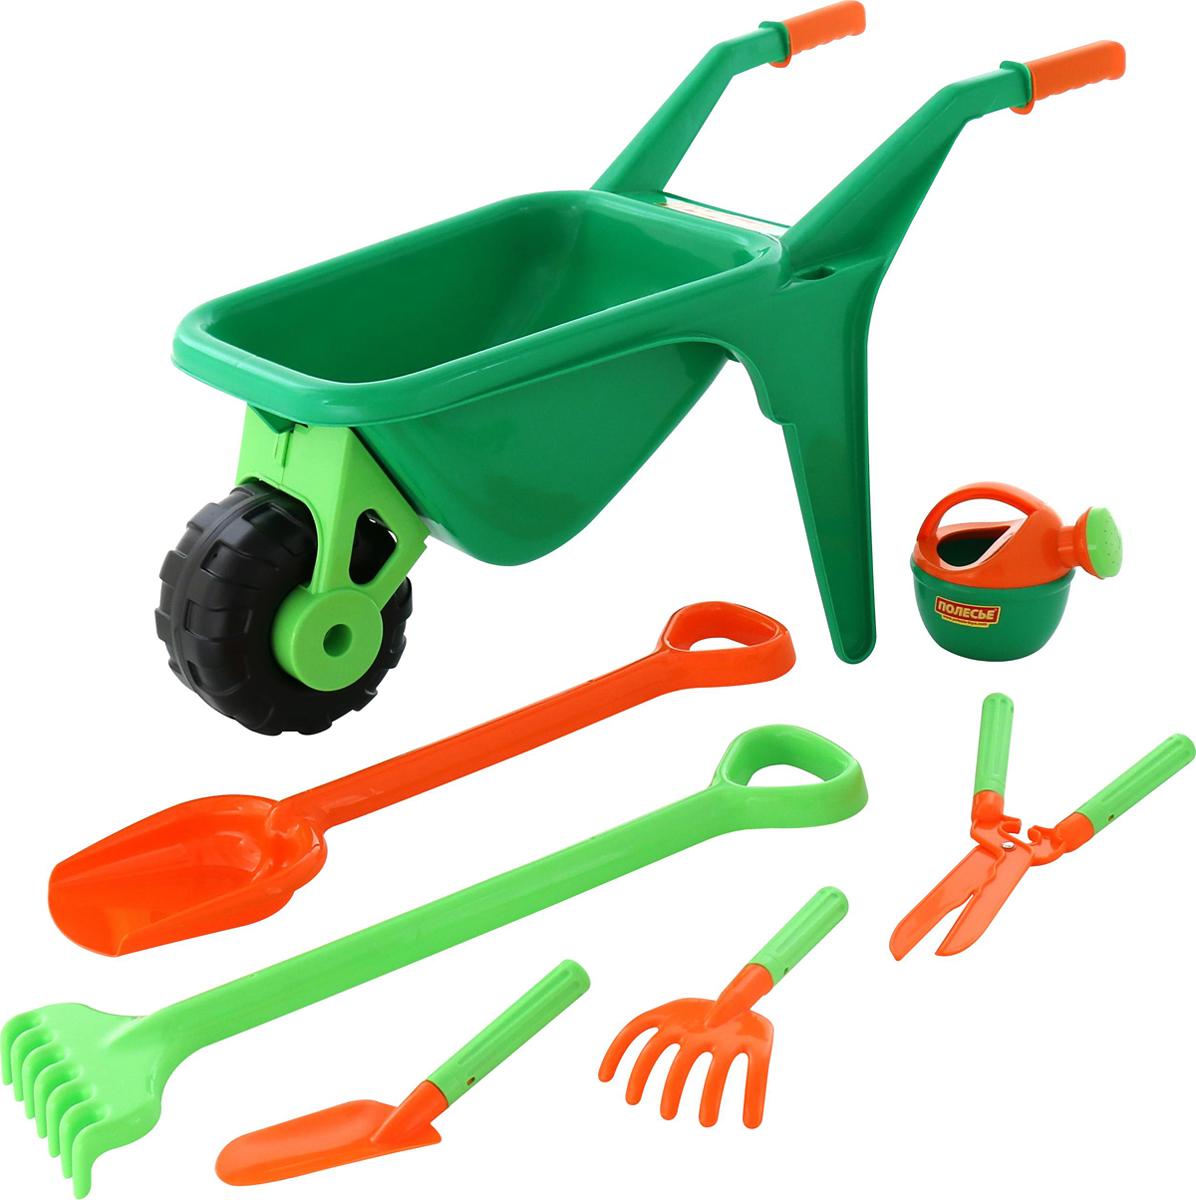 Полесье Набор игрушек для песочницы №456 - Игры на открытом воздухе